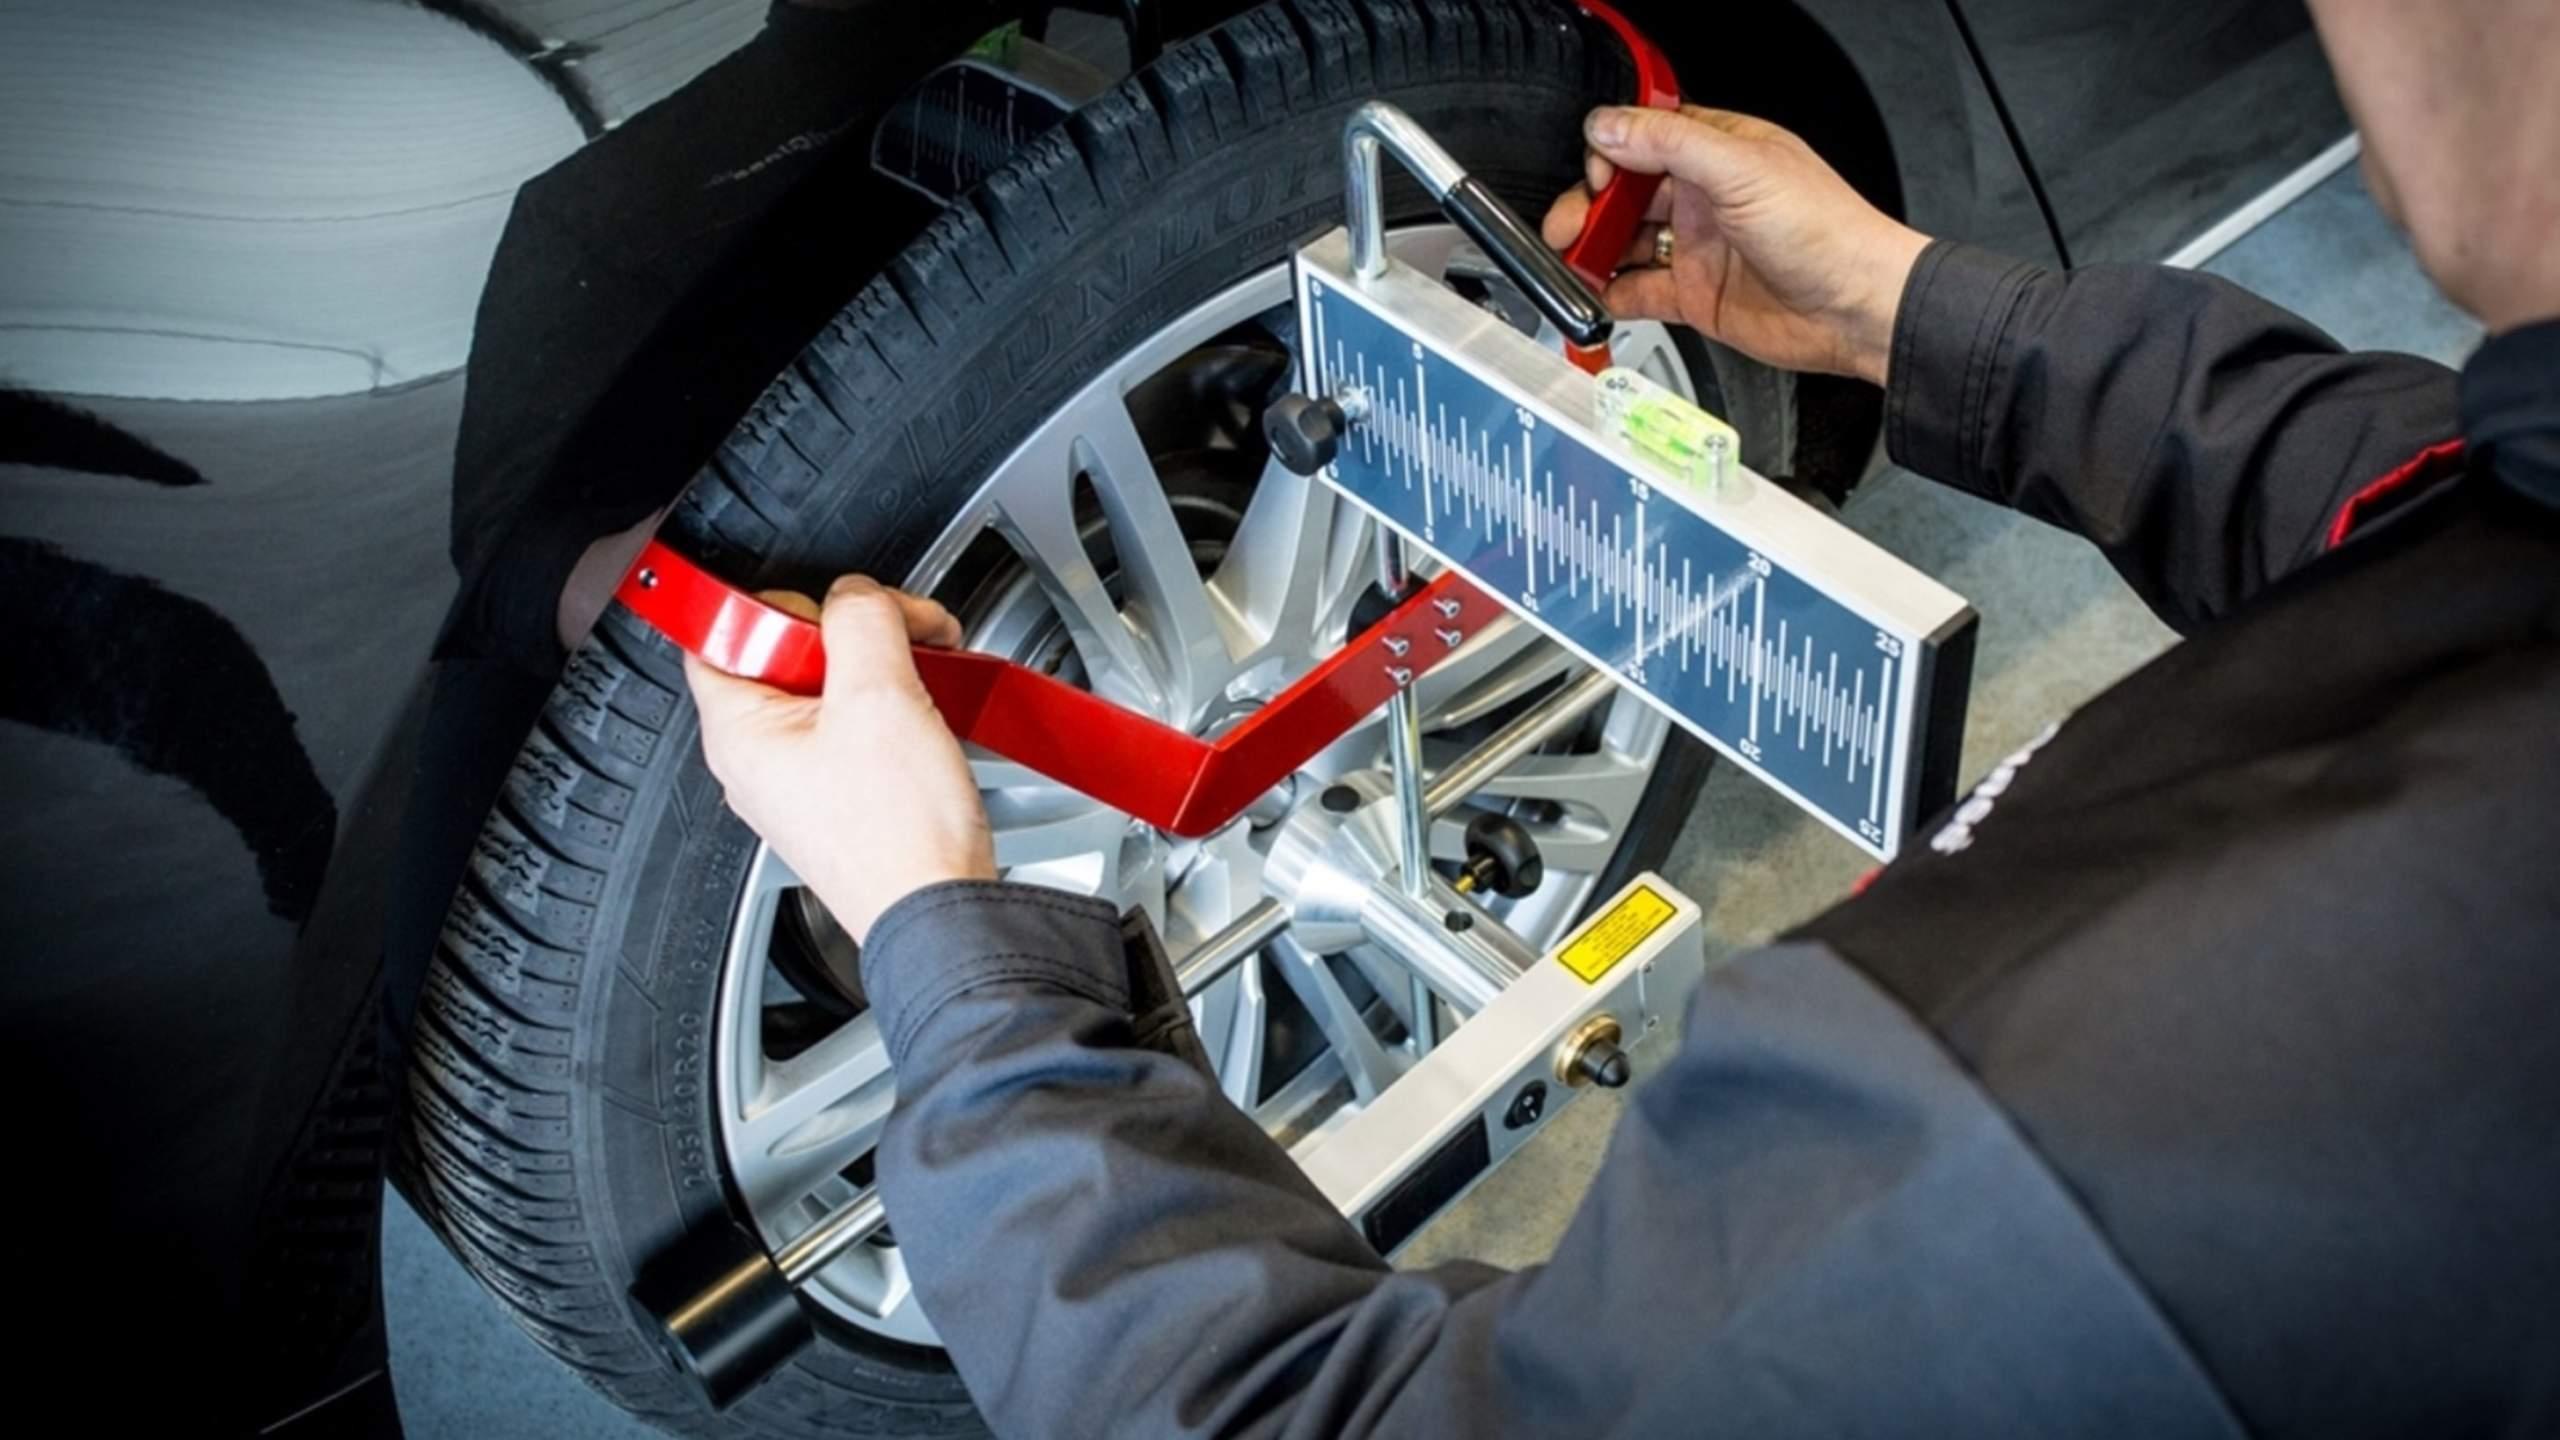 Juárez implements the ADAS system in automotive production